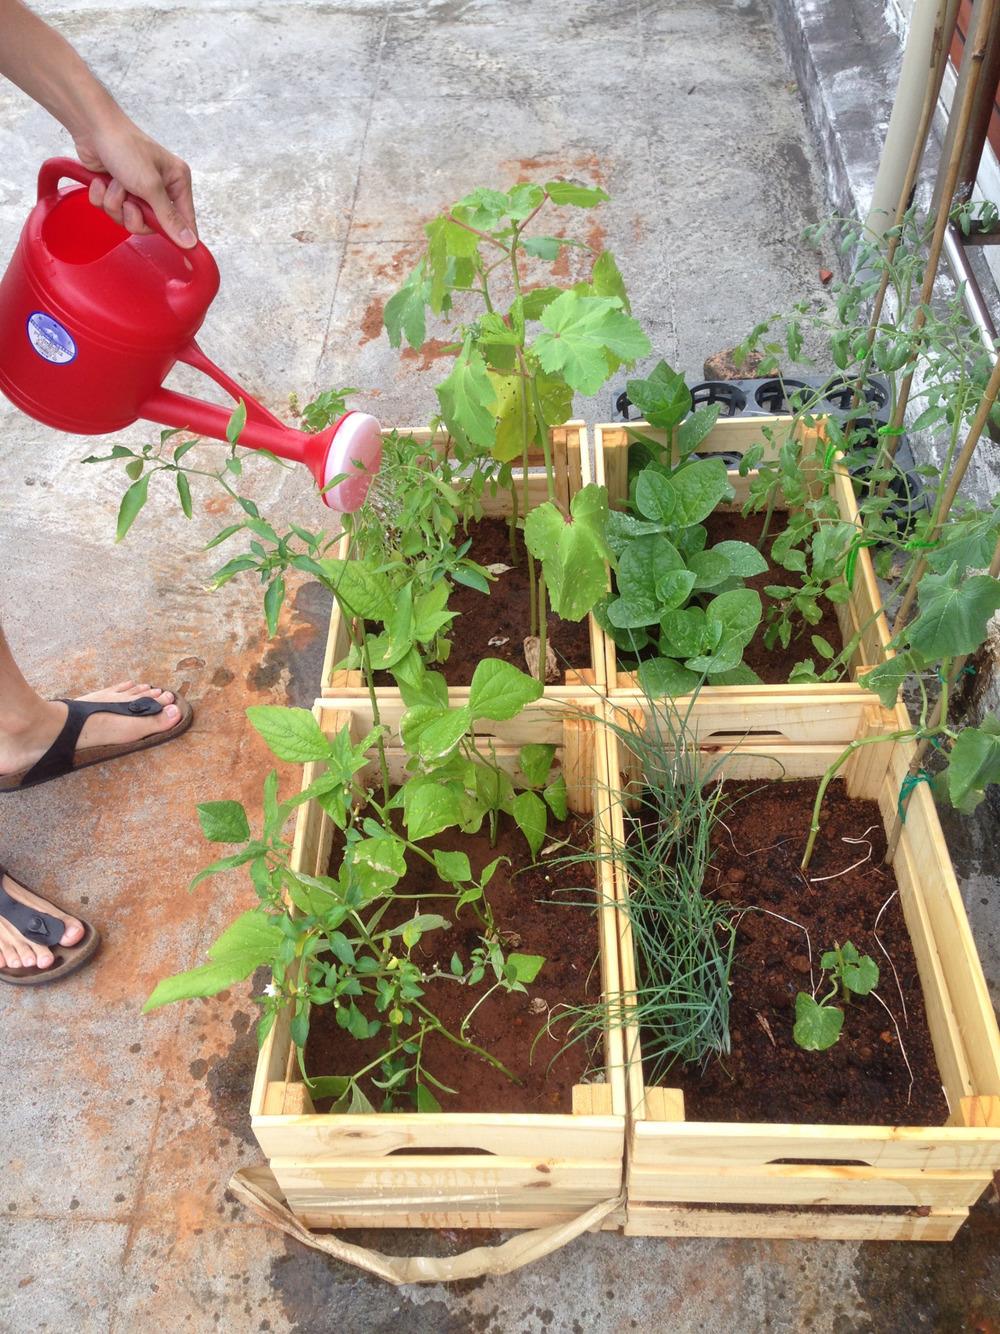 於是我們在ikea買了木箱回來當作植物們的家,種在頂樓。植物們長得超乎想像的快,每天慢慢澆水、灑灑肥料翻翻土,很快就持續成長拙壯,番茄們都開始攀住竹子支架,期待他們開花結果的那一天!